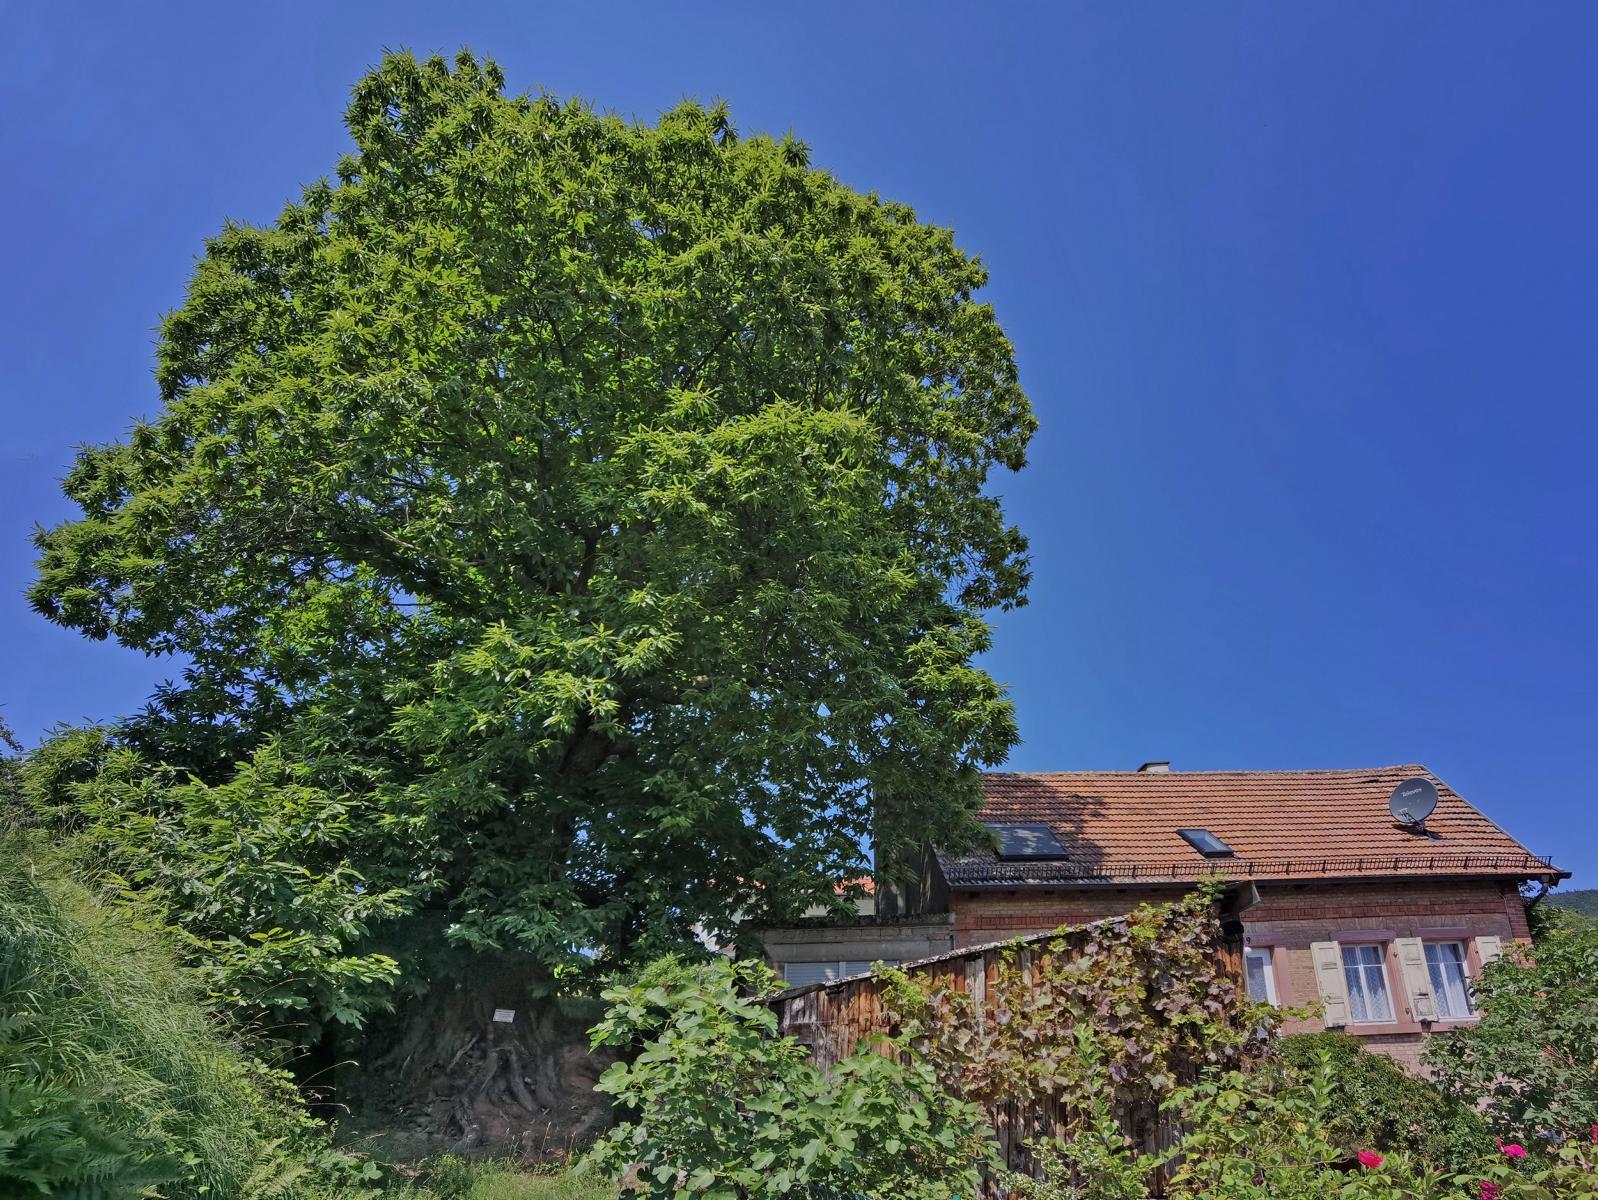 Kastanie Gleisweiler: Riesige Krone und gewaltiger Stamm(fuß) am Hohlweg